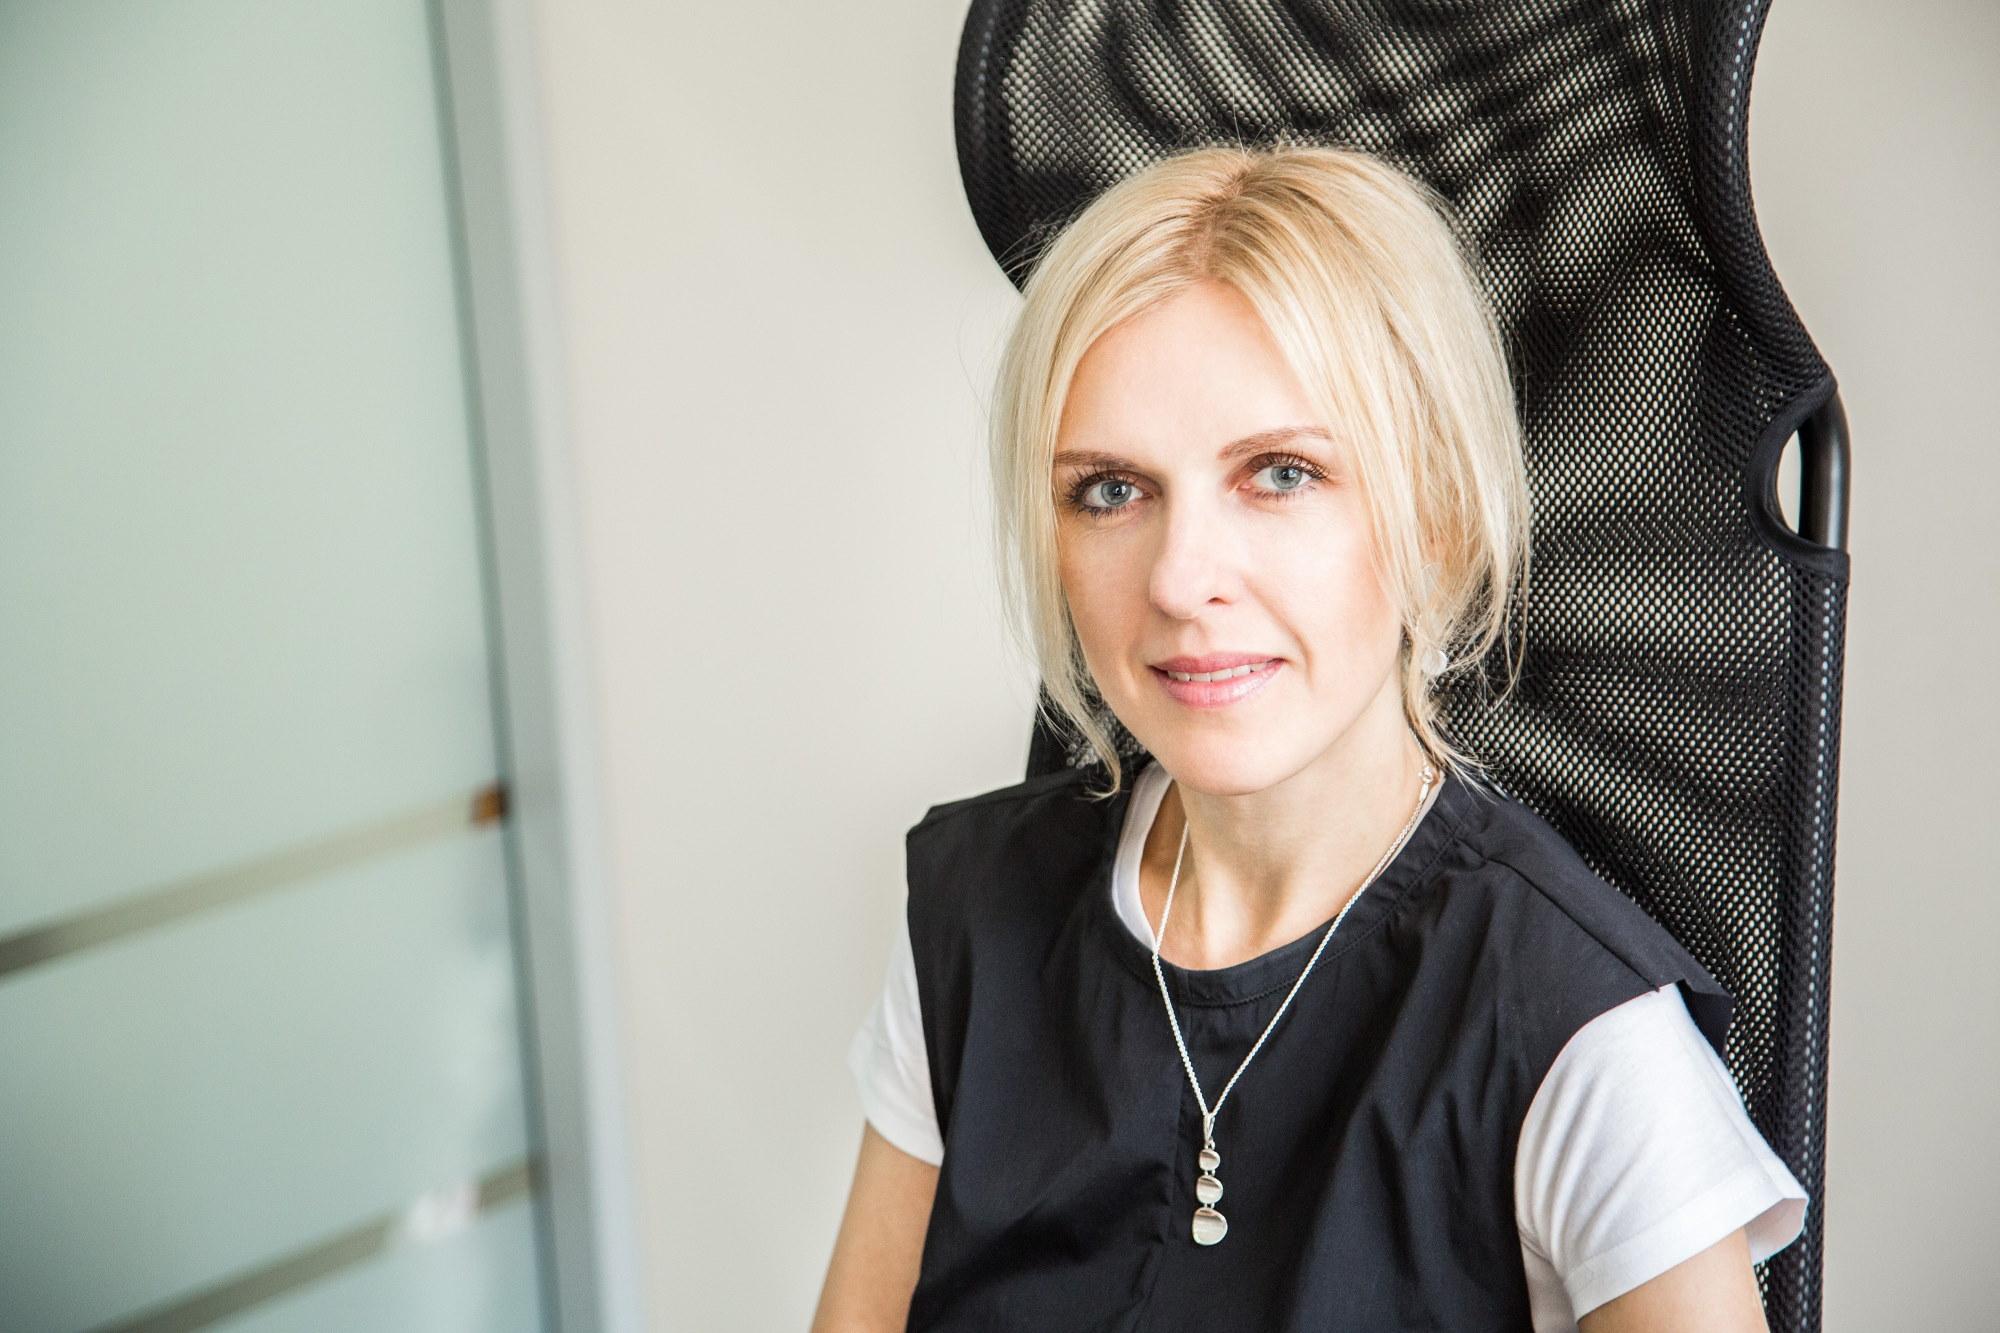 Юлия Костецкая, бизнес-директор «Медиа Группы Украина»